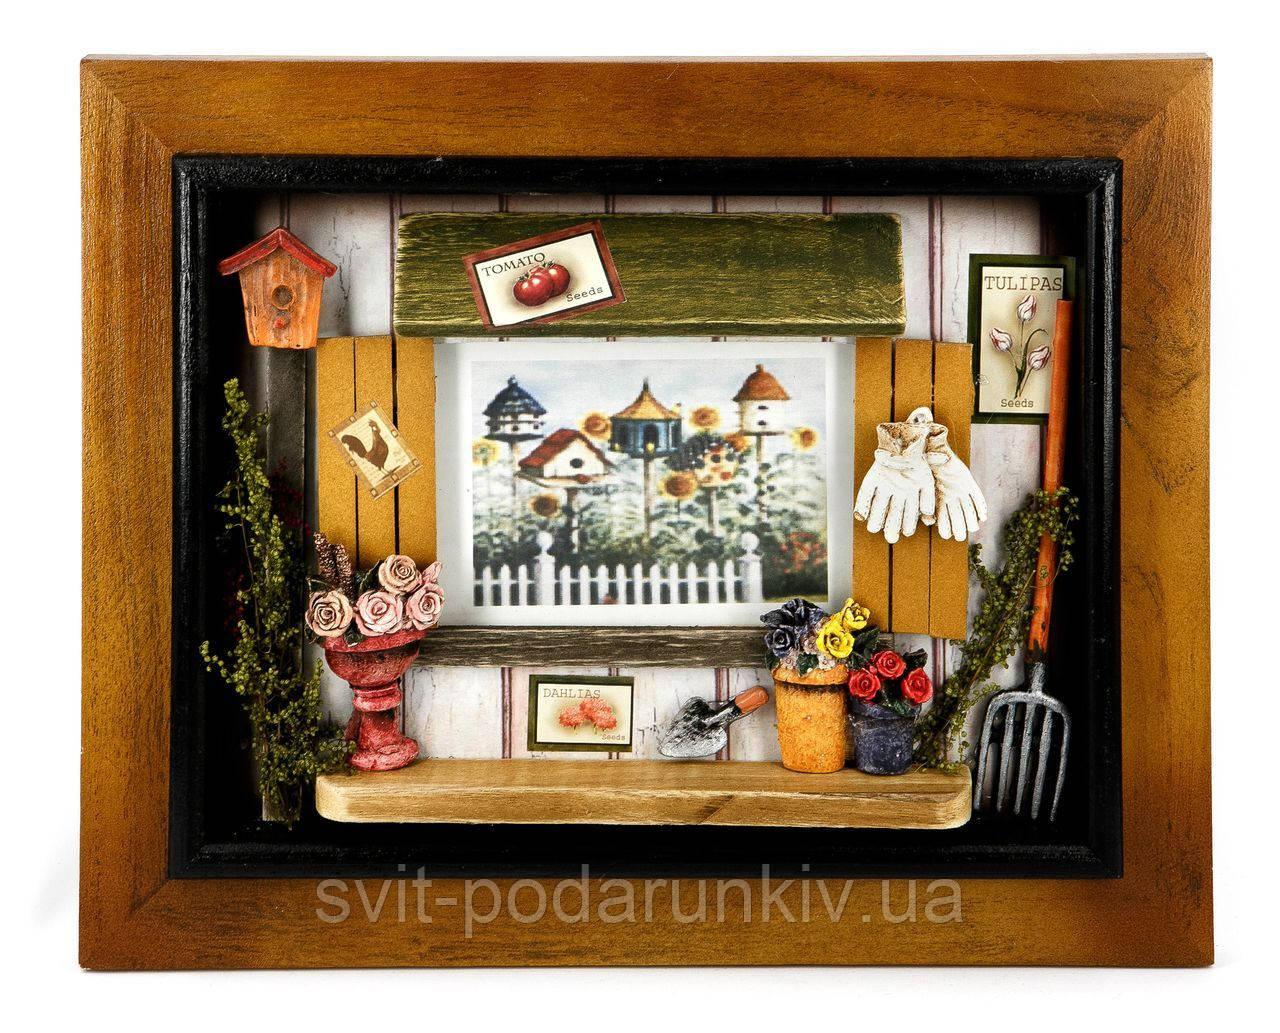 """Рамка для фото """"Лучший подарок любителям сада"""" 05S326C"""